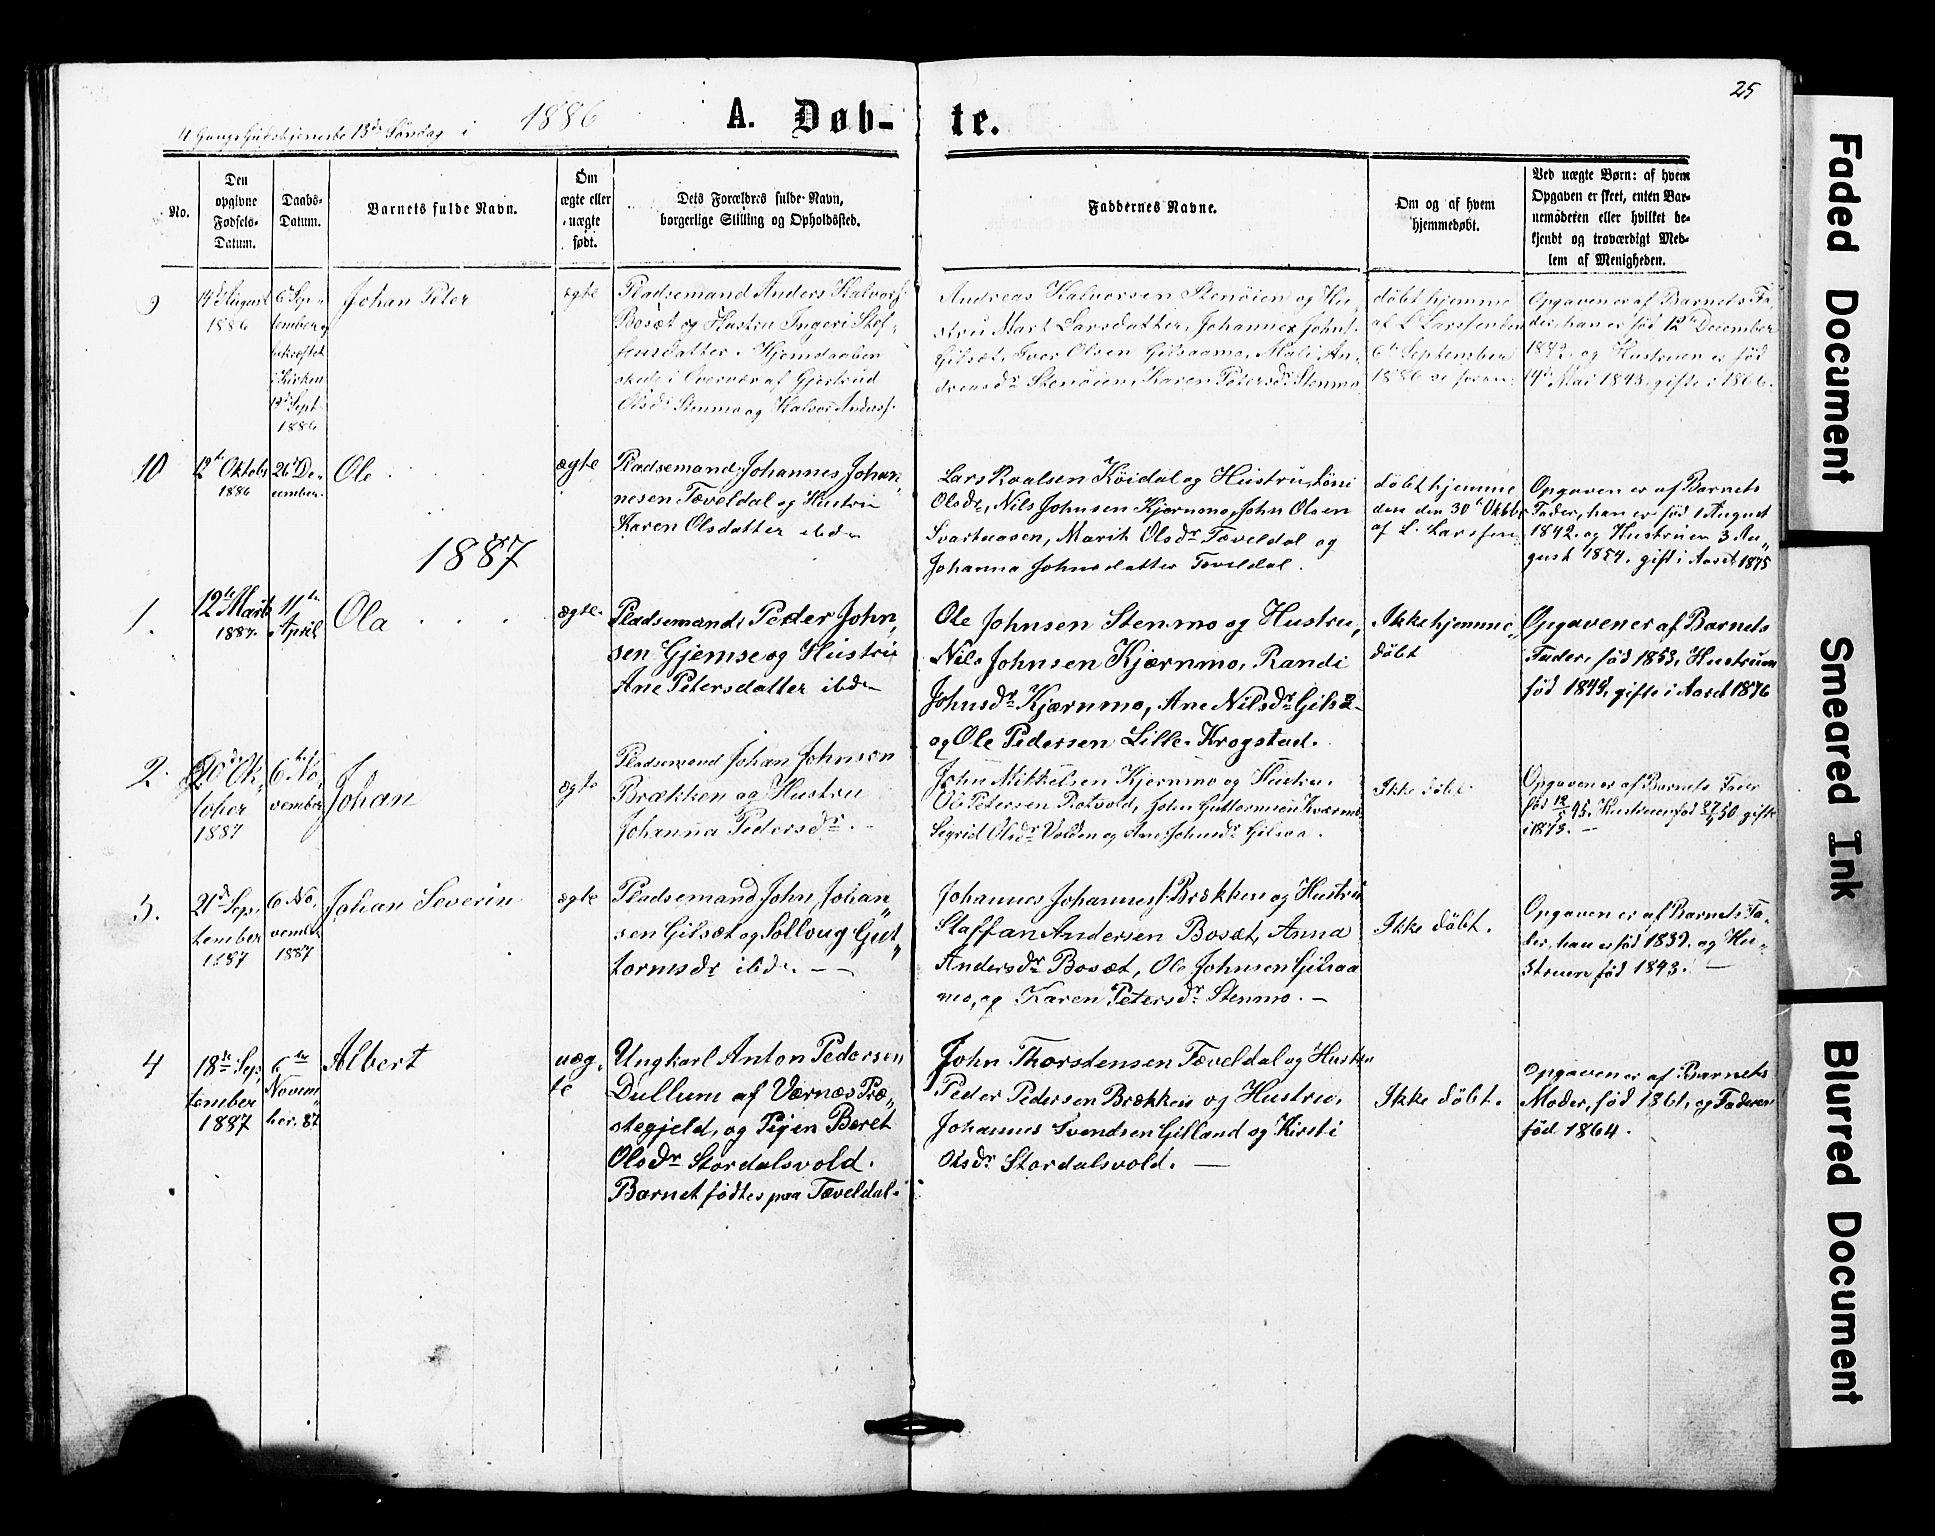 SAT, Ministerialprotokoller, klokkerbøker og fødselsregistre - Nord-Trøndelag, 707/L0052: Klokkerbok nr. 707C01, 1864-1897, s. 25